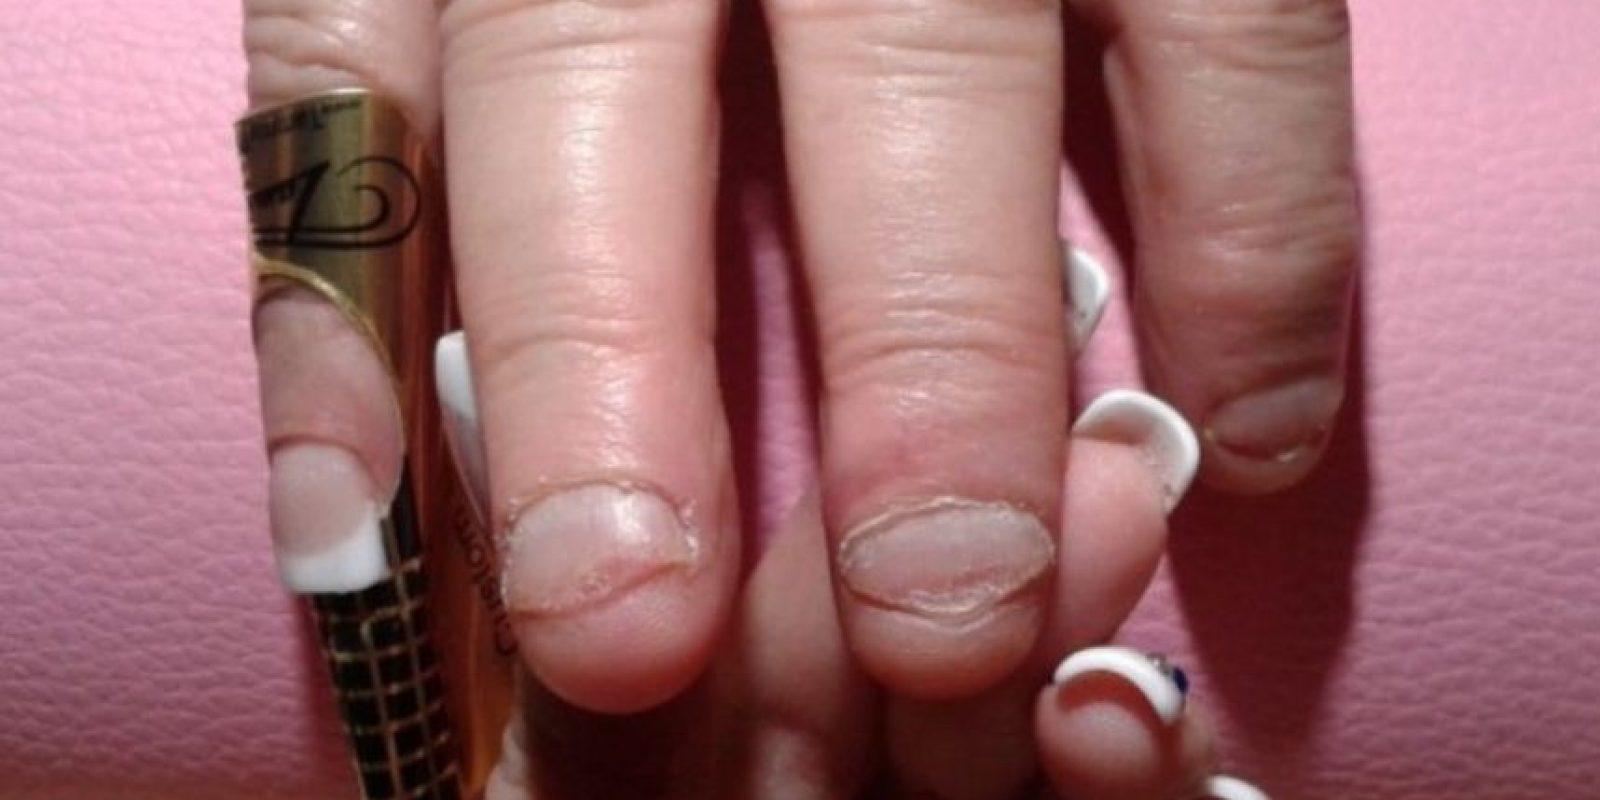 Esto, debido a que algunos pedazos se meten entre los dientes dañando las encías. Foto:Flickr